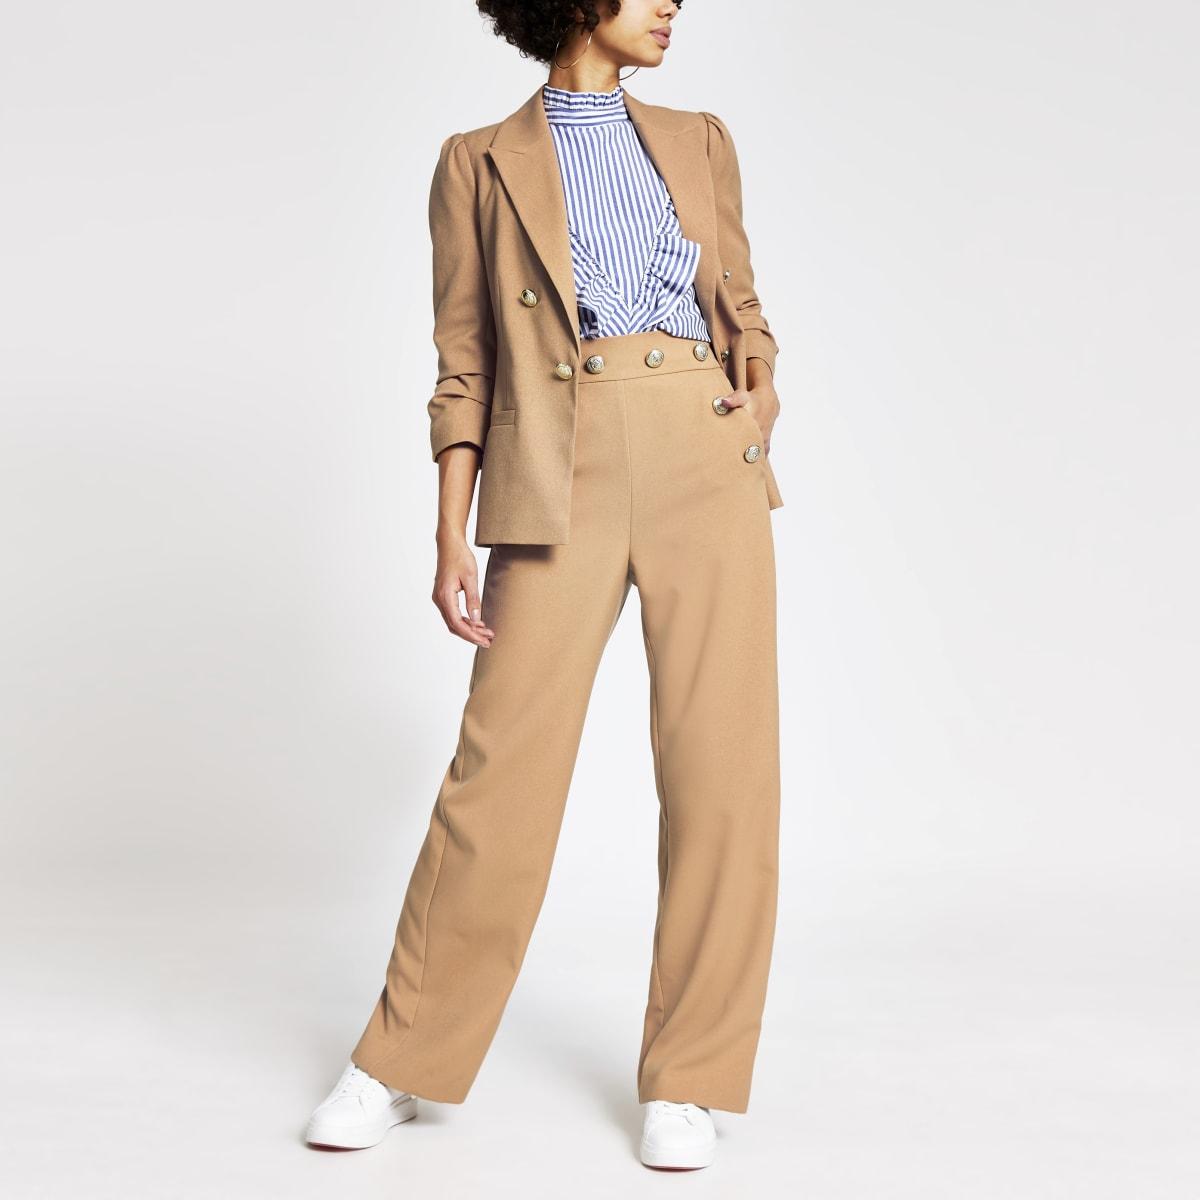 Beige high waist broek met wijde pijpen en knopen voor